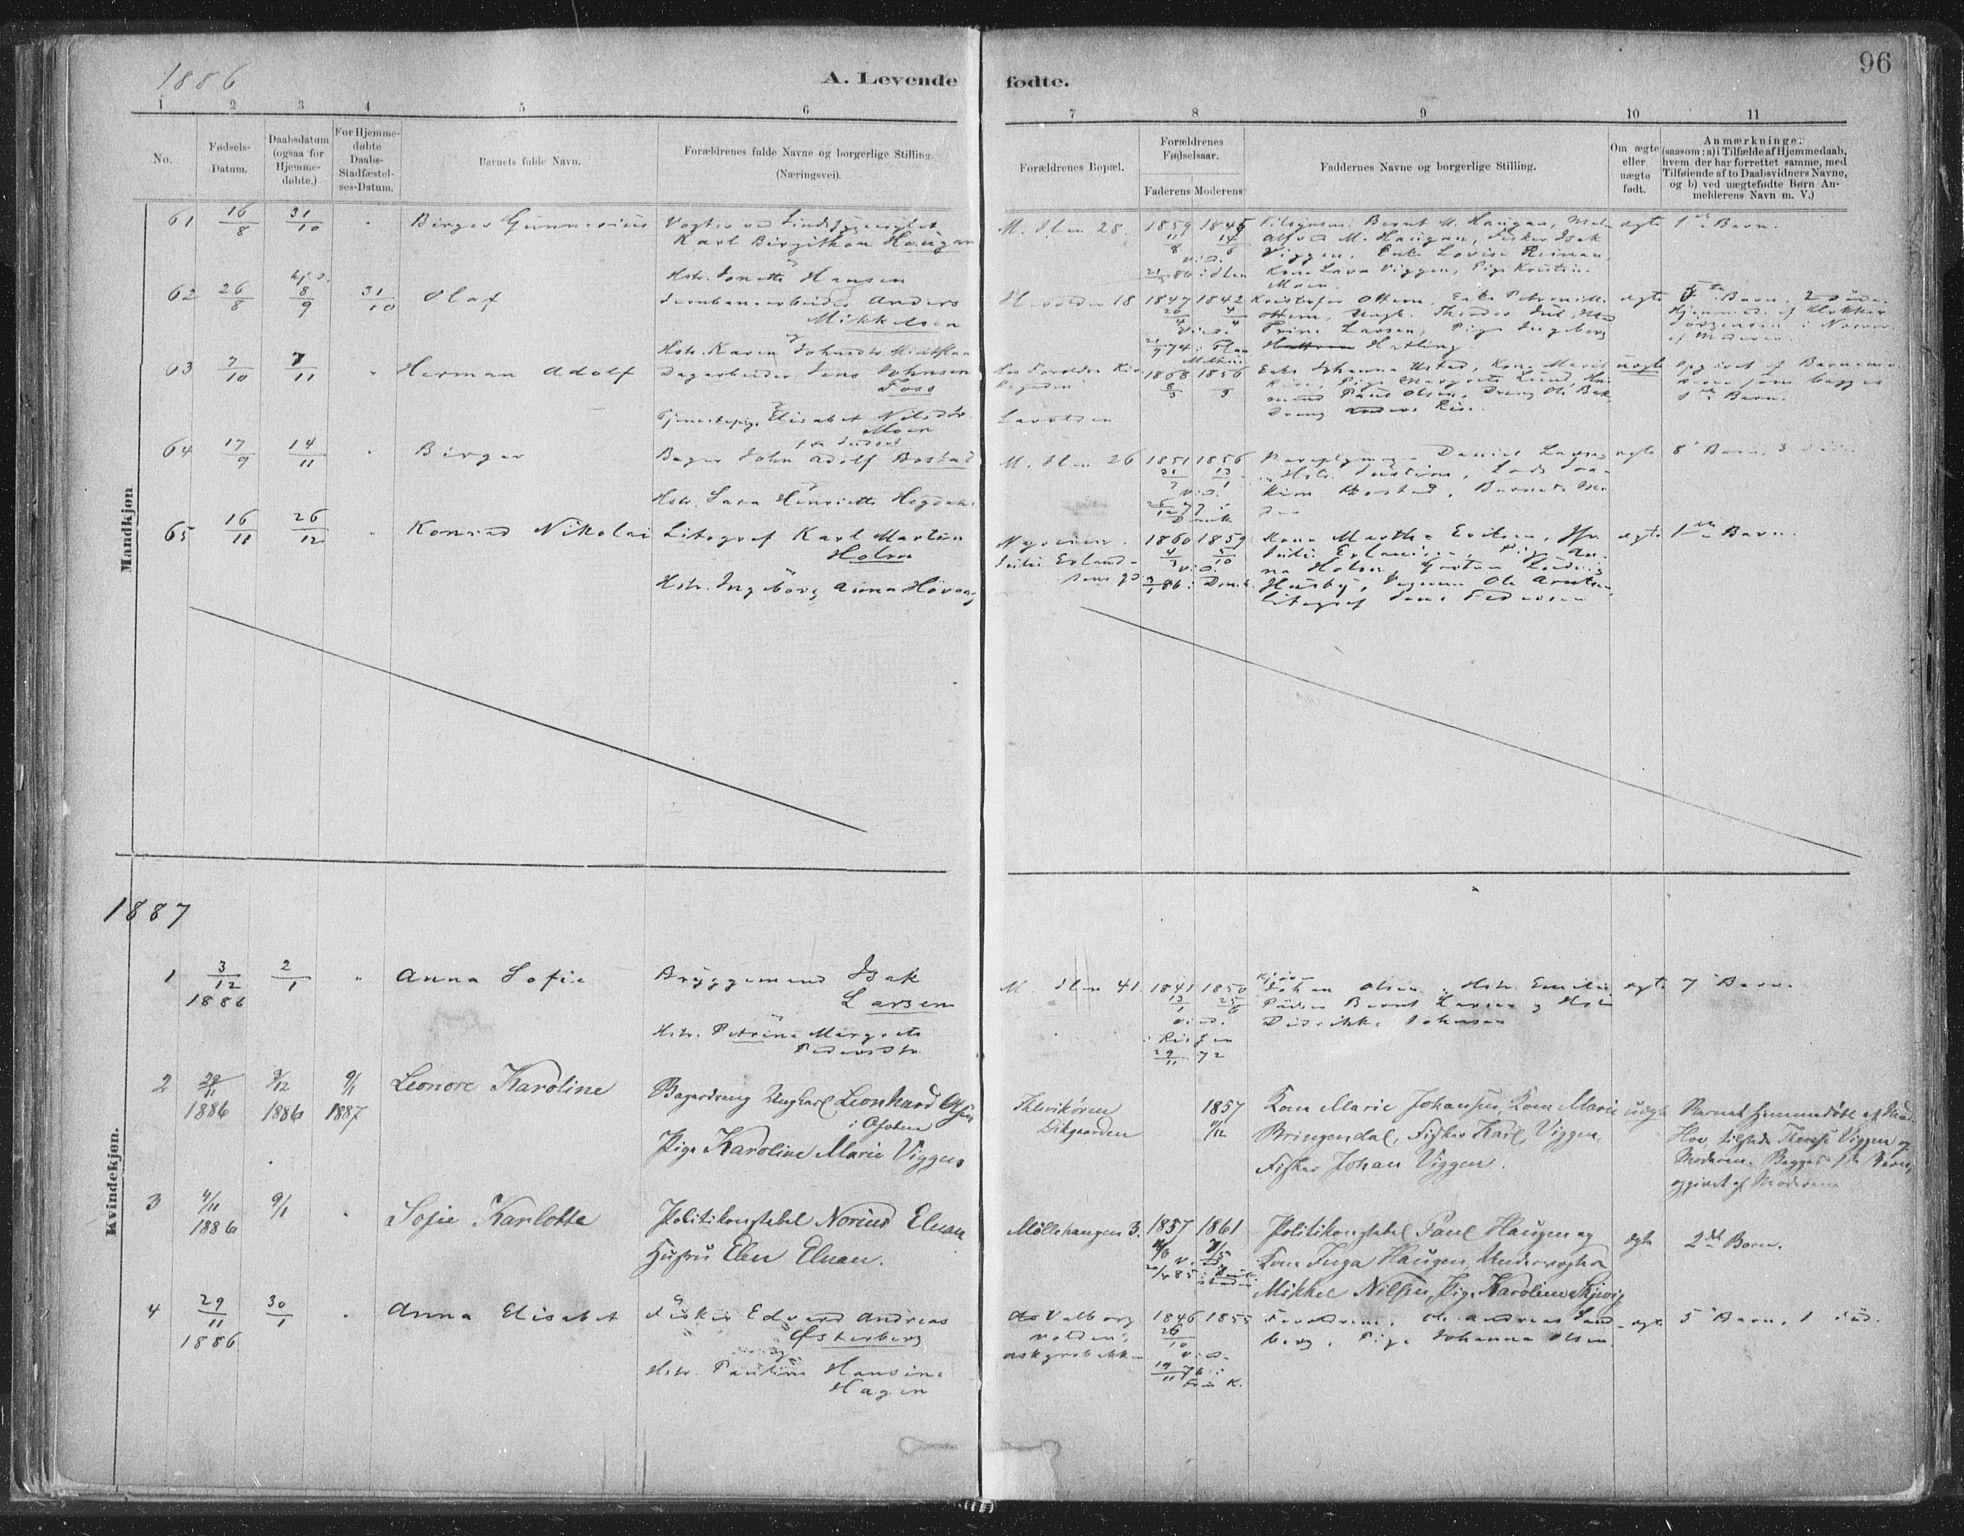 SAT, Ministerialprotokoller, klokkerbøker og fødselsregistre - Sør-Trøndelag, 603/L0162: Ministerialbok nr. 603A01, 1879-1895, s. 96